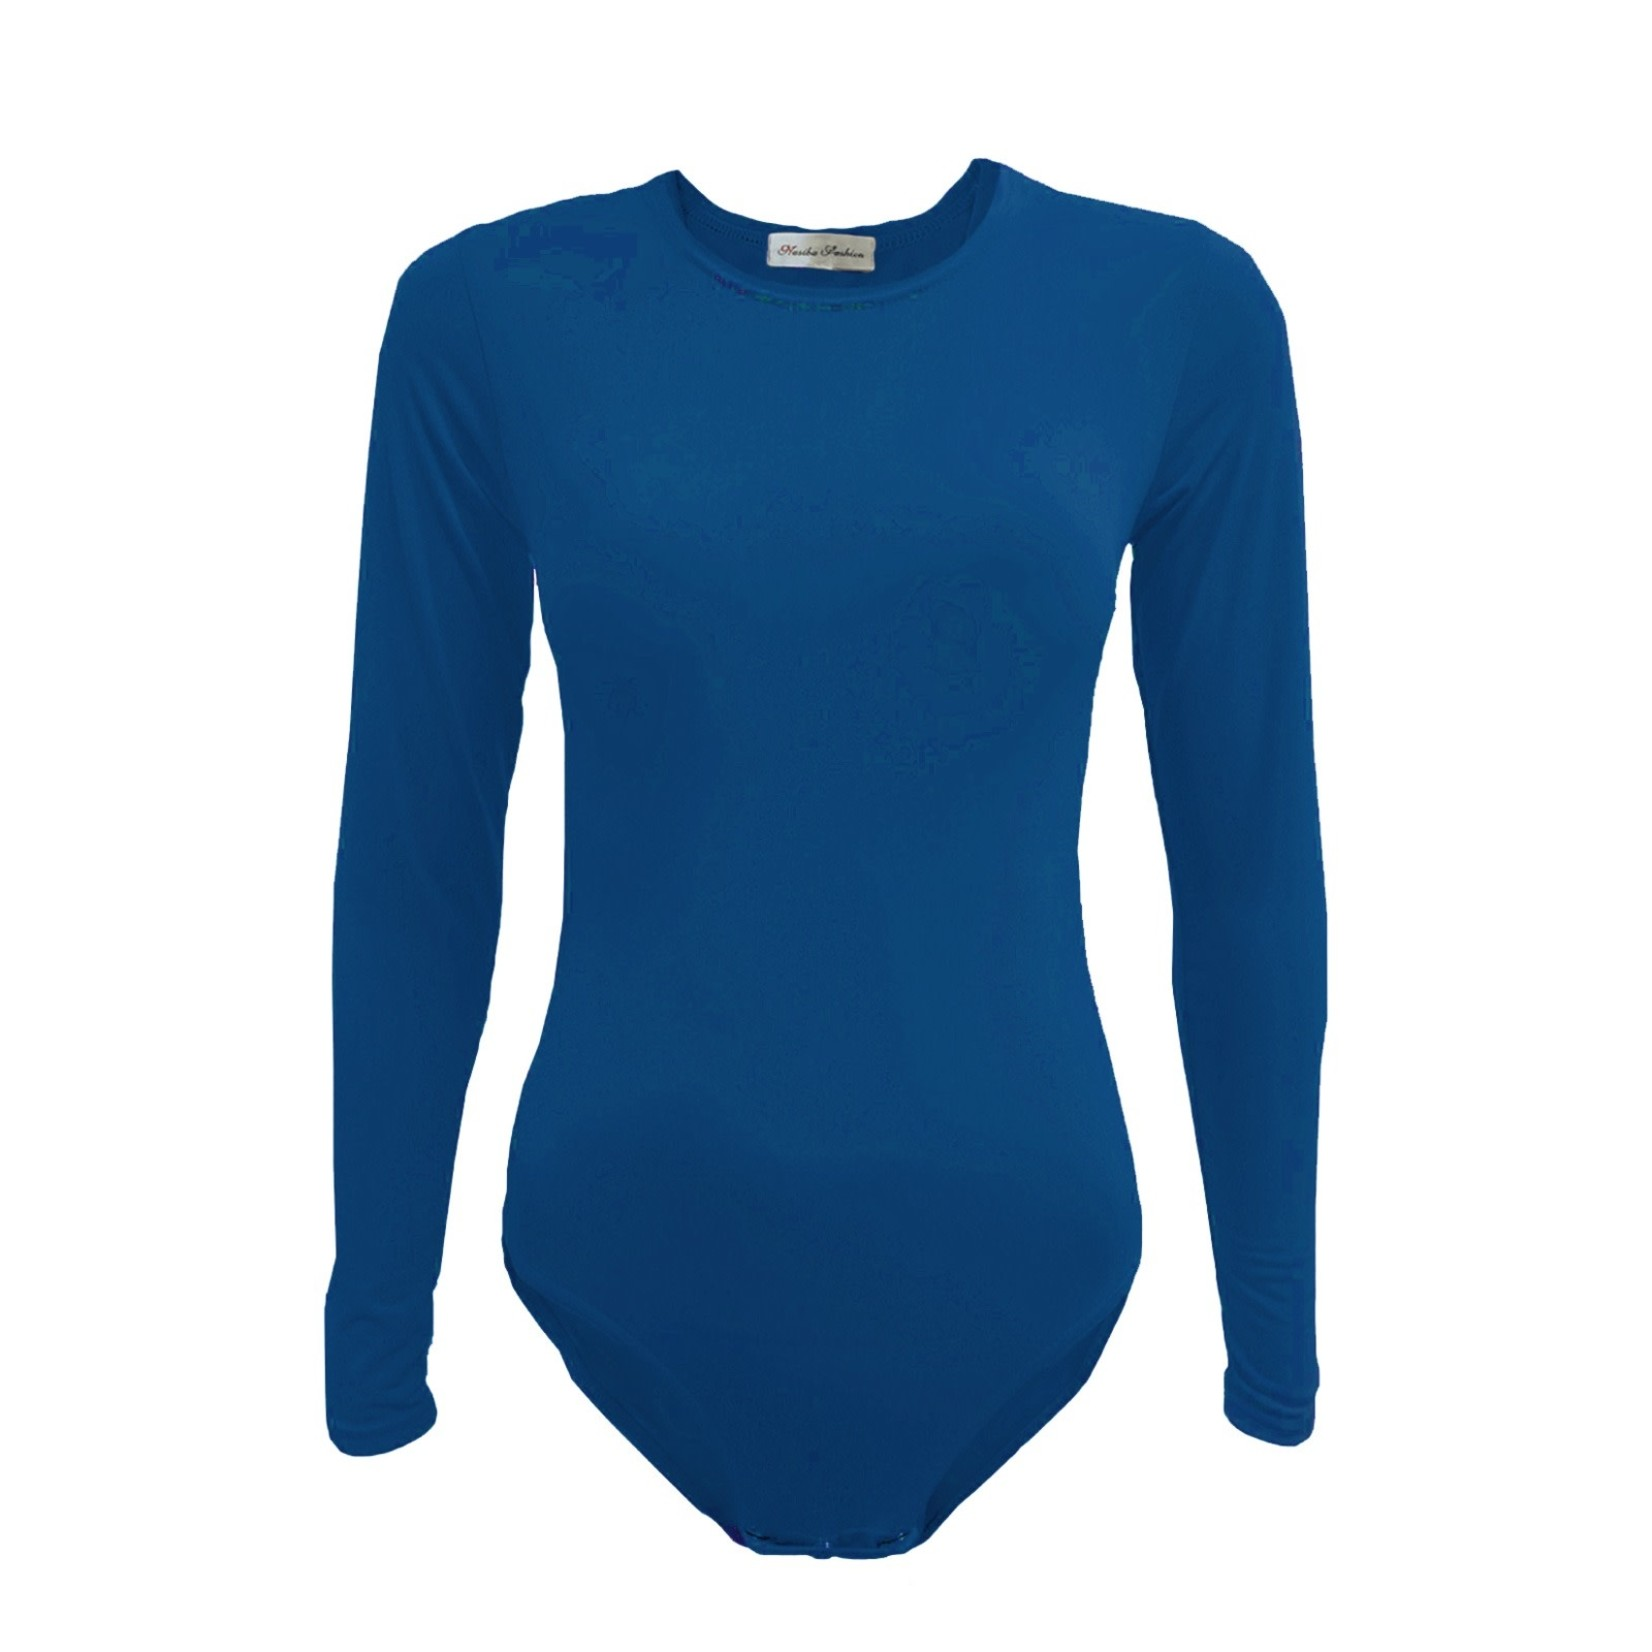 Nasiba Fashion Royal Blue Bodysuit